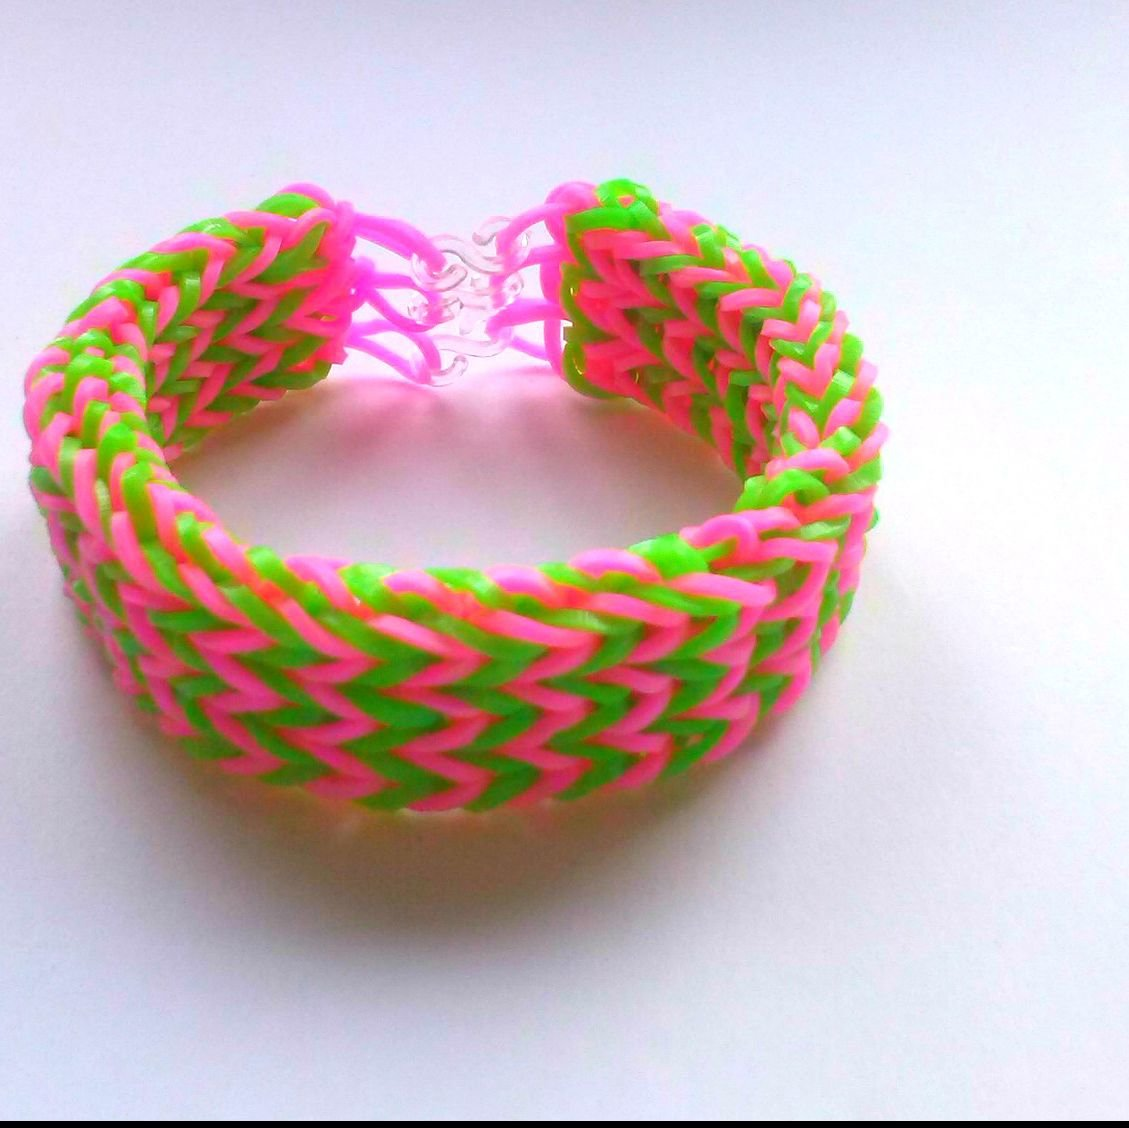 картинки как плети браслеты из резинок